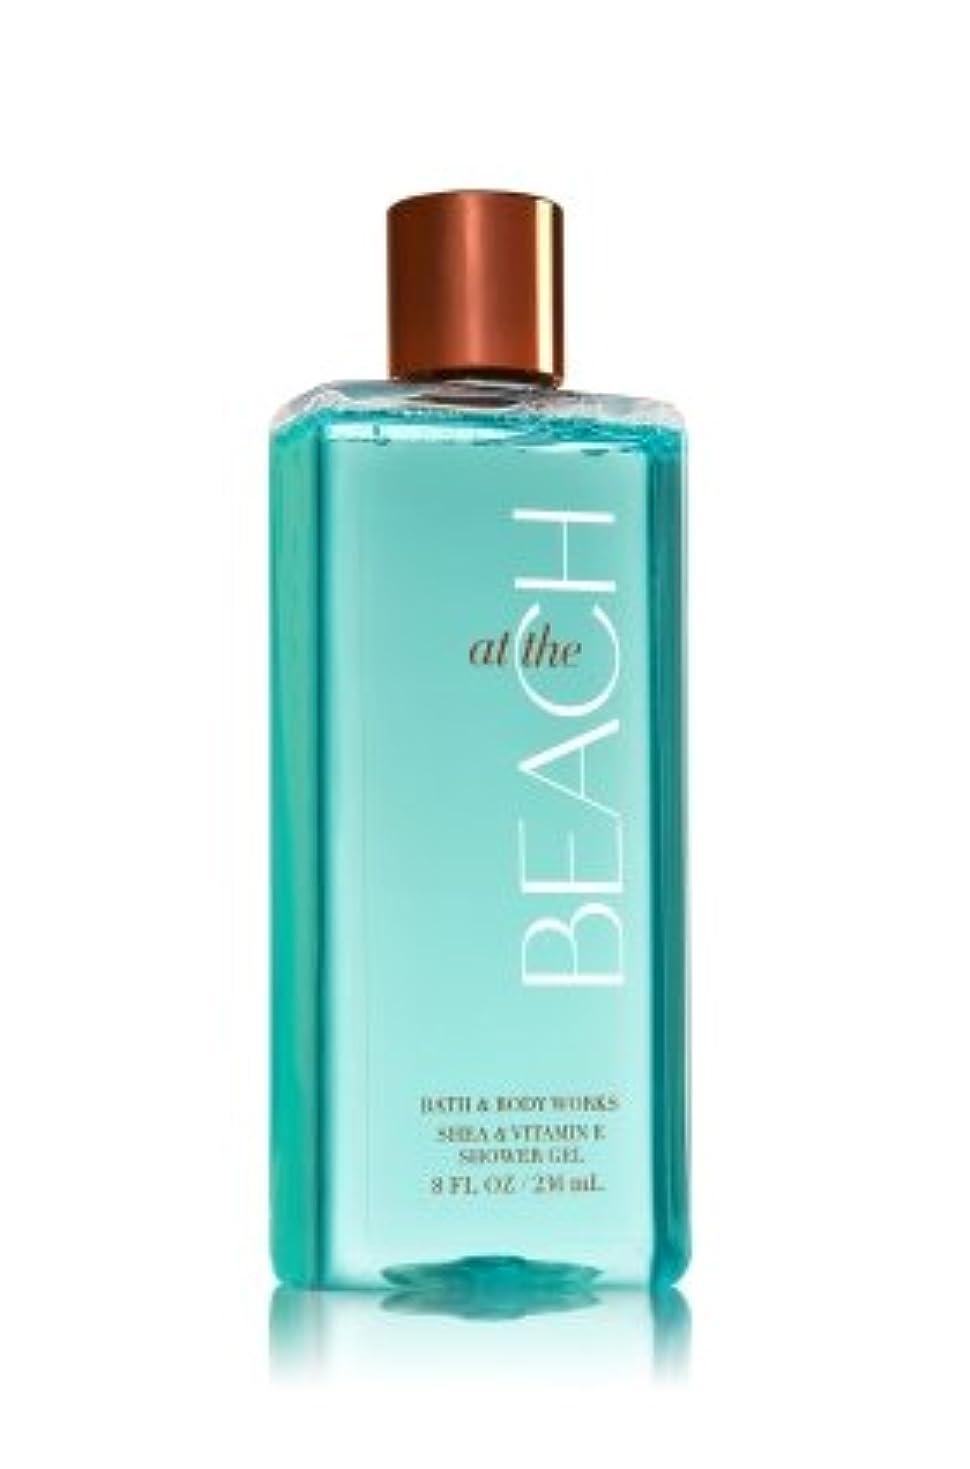 バッテリー申請中コイン【Bath&Body Works/バス&ボディワークス】 シャワージェル アットザビーチ Shower Gel At The Beach 8 fl oz / 236 mL [並行輸入品]